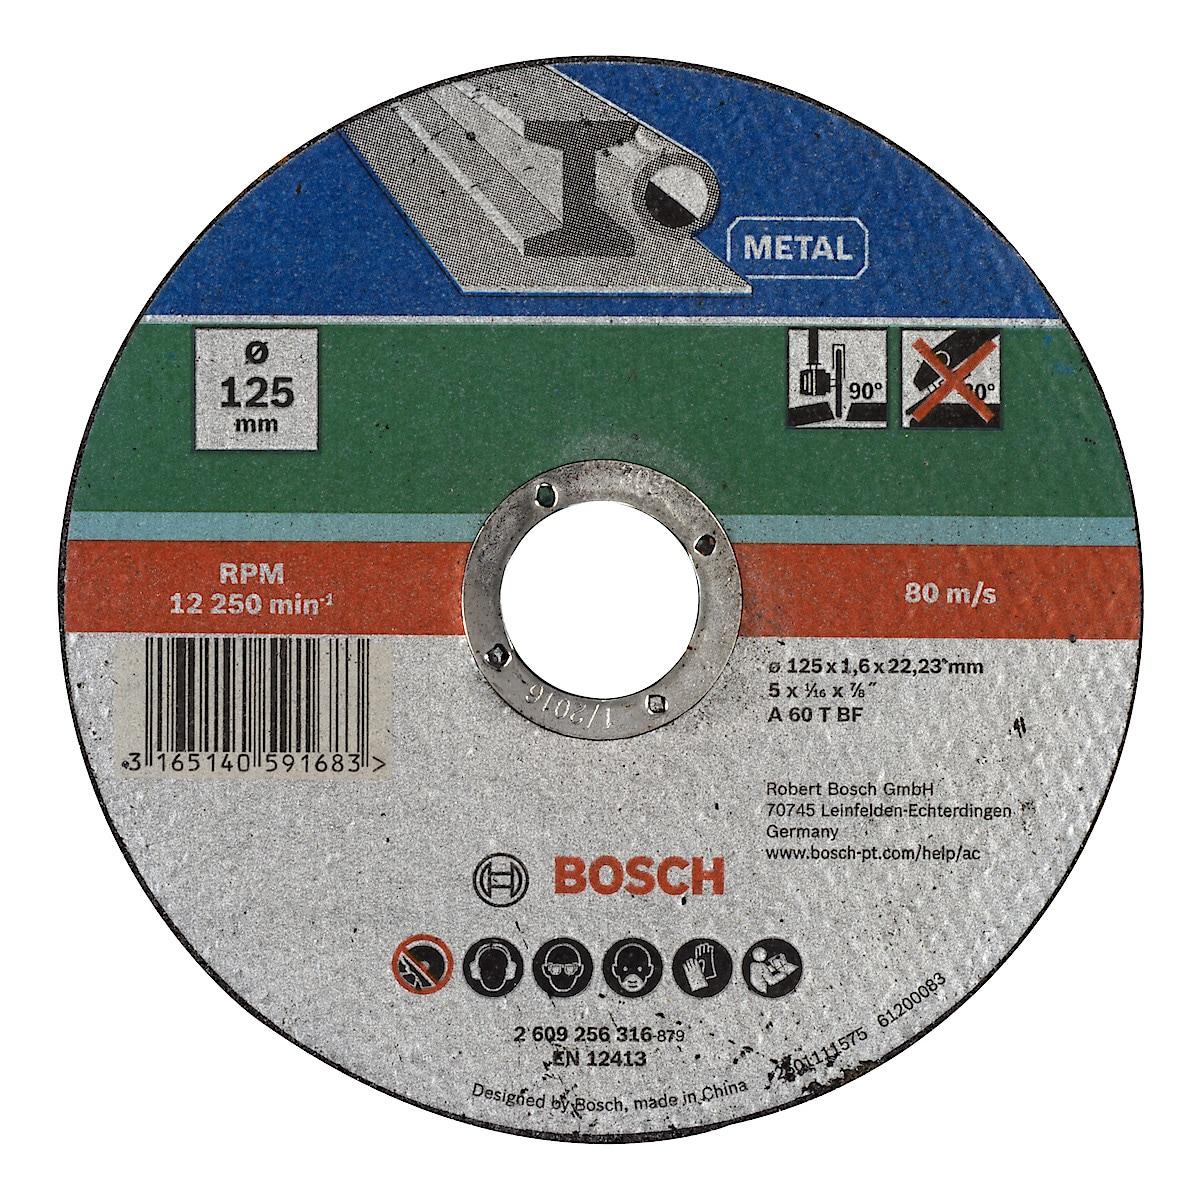 Bosch kappeskive for metall, 125 mm